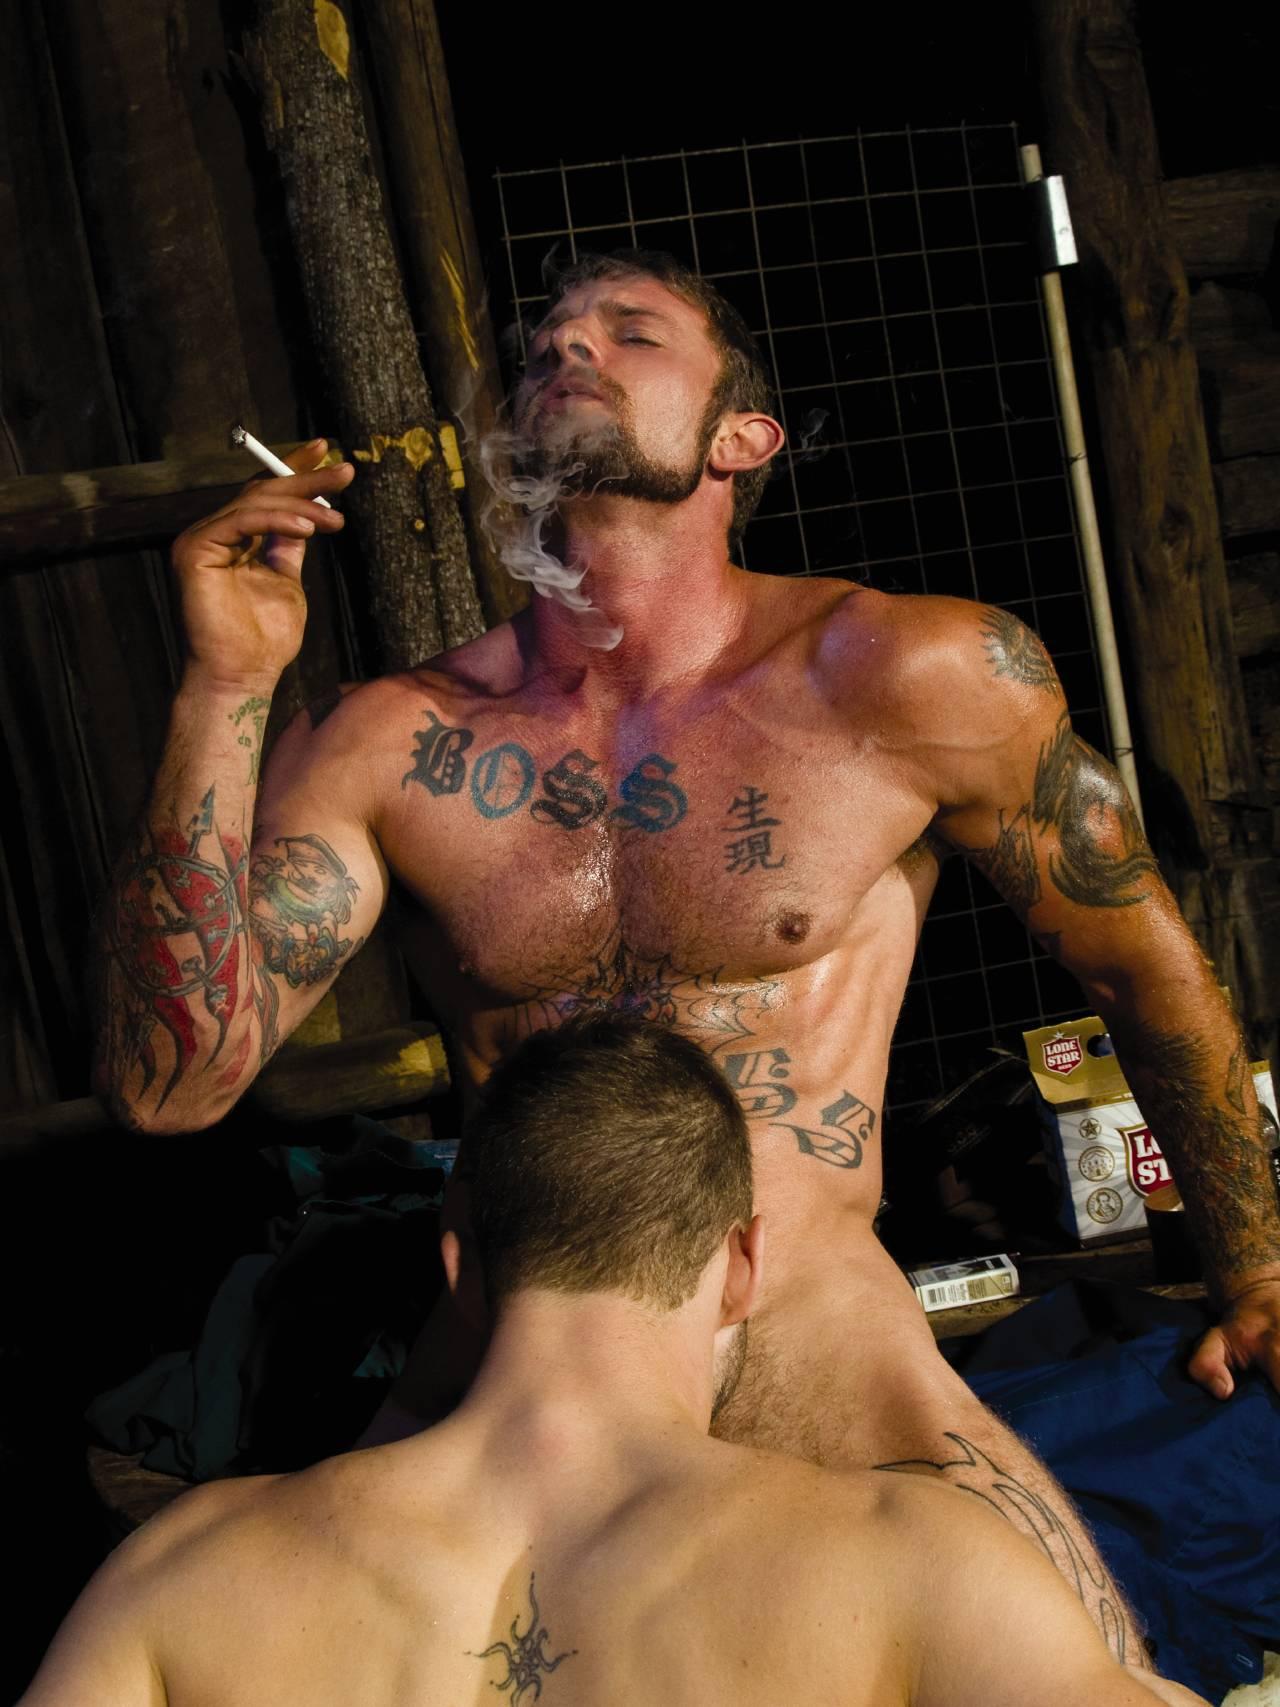 Ricky Sinz - Jackson Wild gay hot daddy dude men porn smoke blowjob dom Gathering Storm